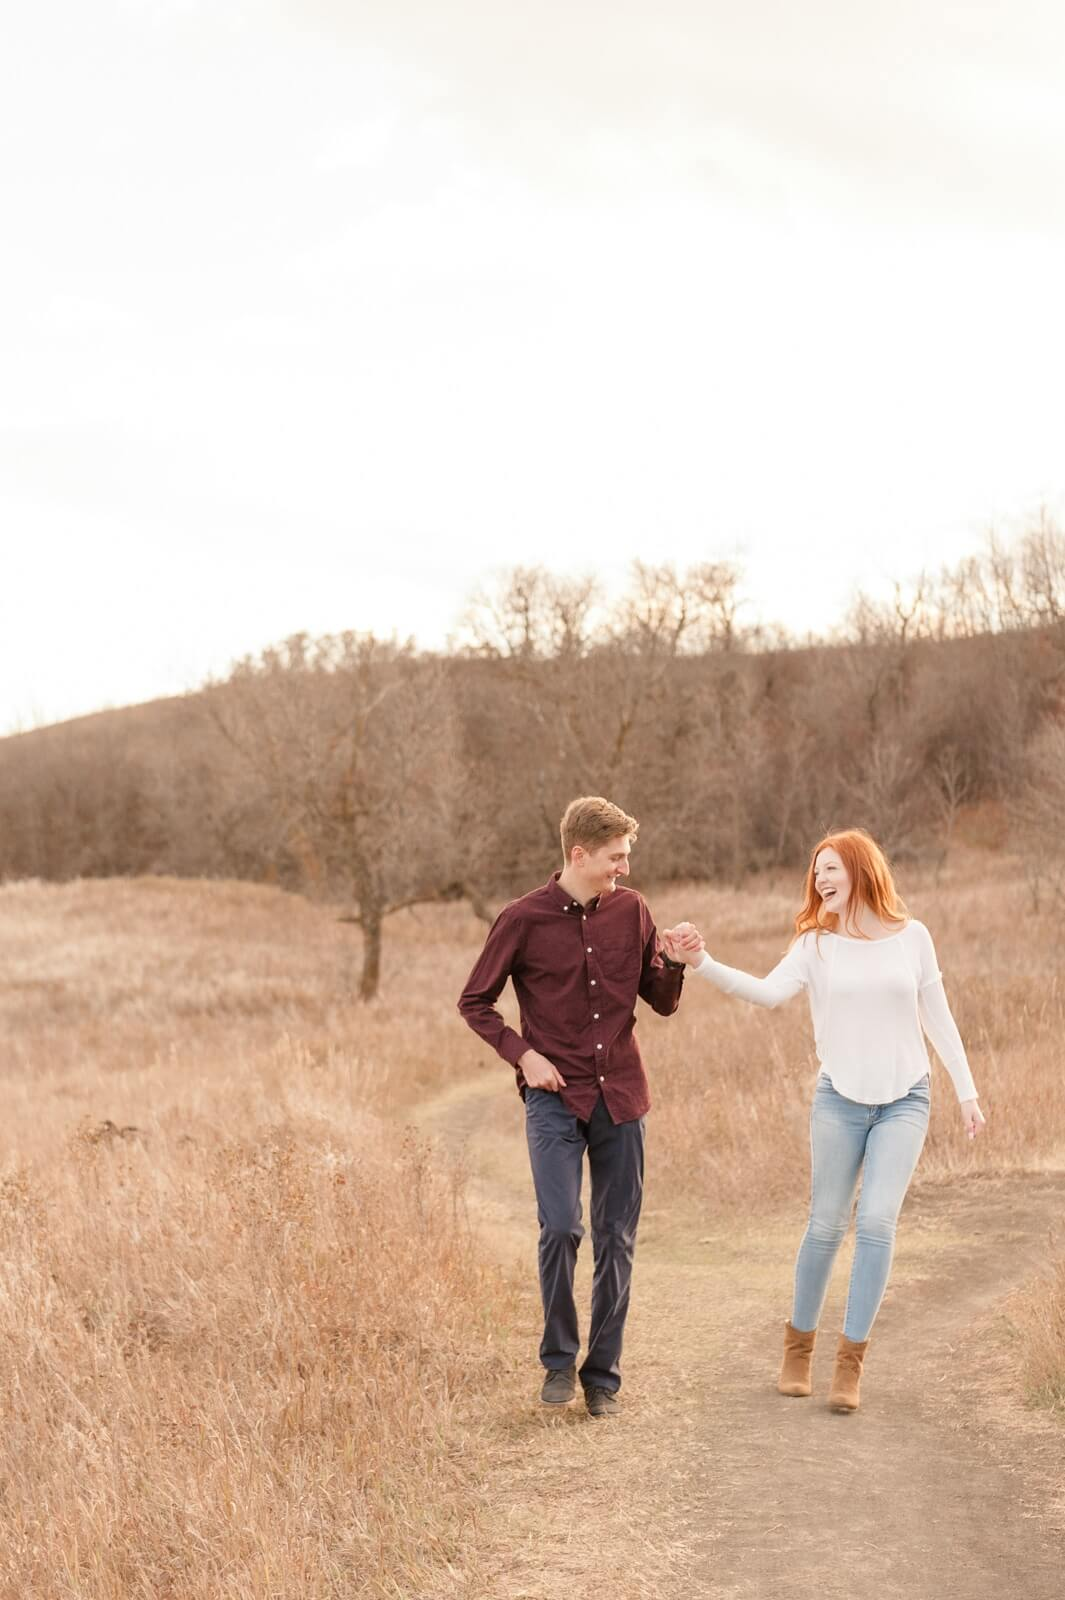 Regina Engagement Photographer - Cole-Alisha - Walking at Wascana Trails